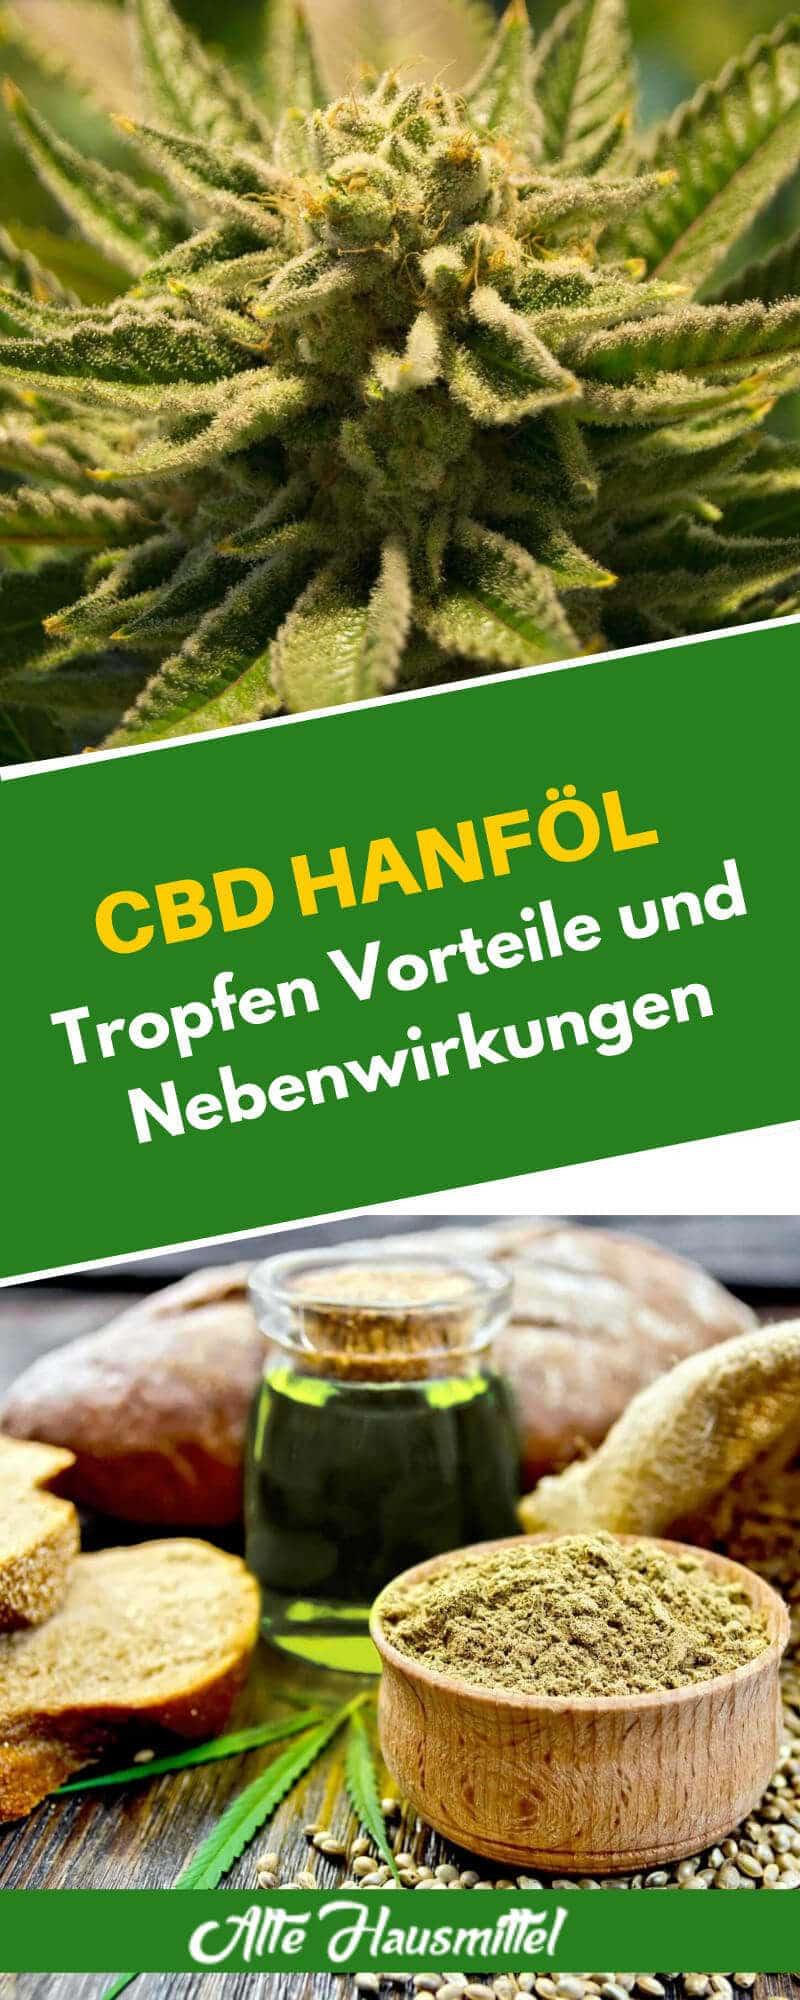 CBD Hanföl Tropfen Vorteile und Nebenwirkungen